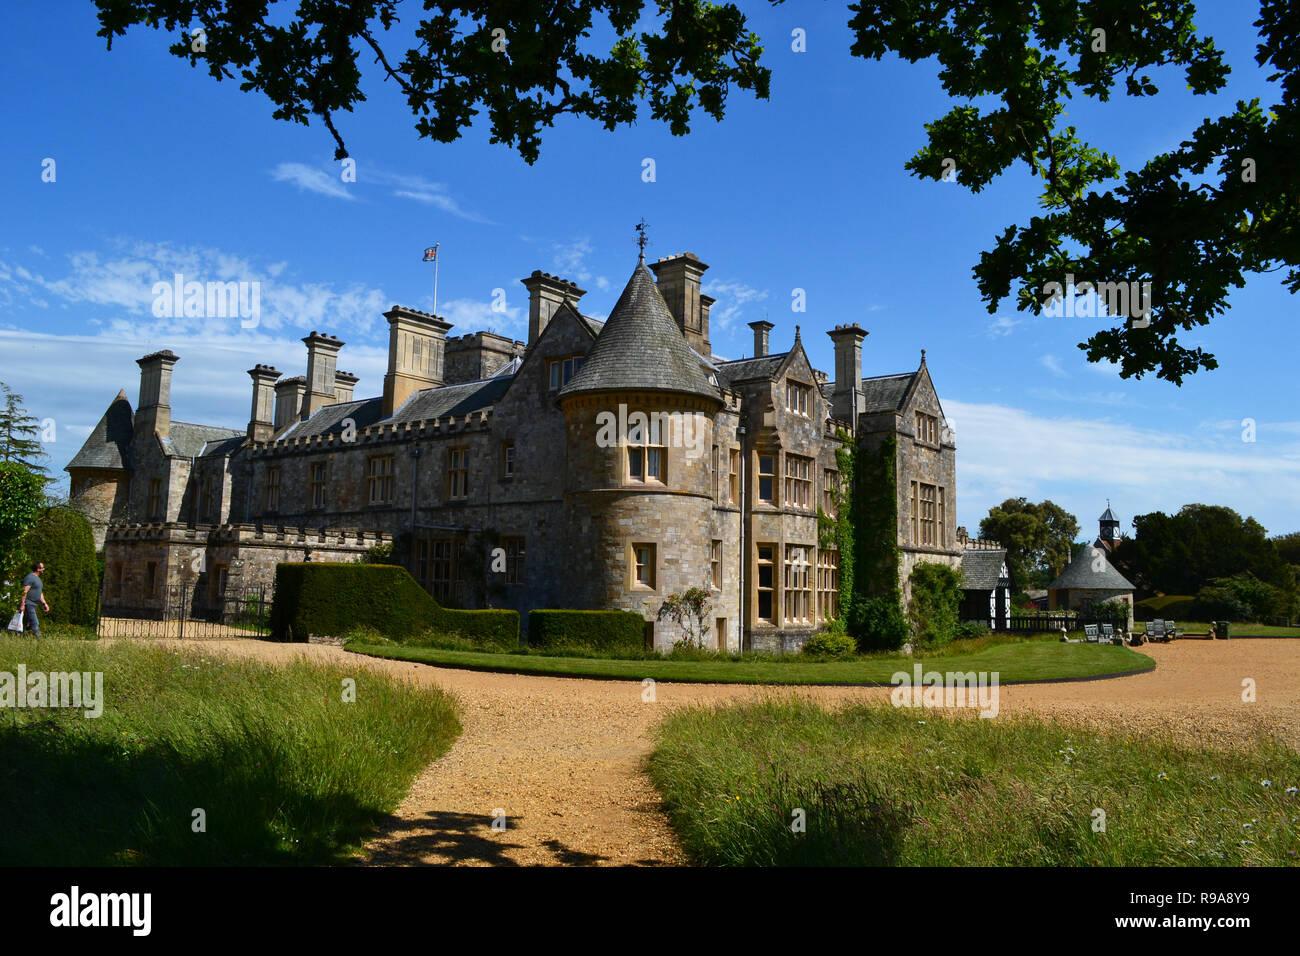 Von Lord Montagu Palace House in Beaulieu National Motor Museum und Gärten, New Forest, Hampshire, Großbritannien Stockbild